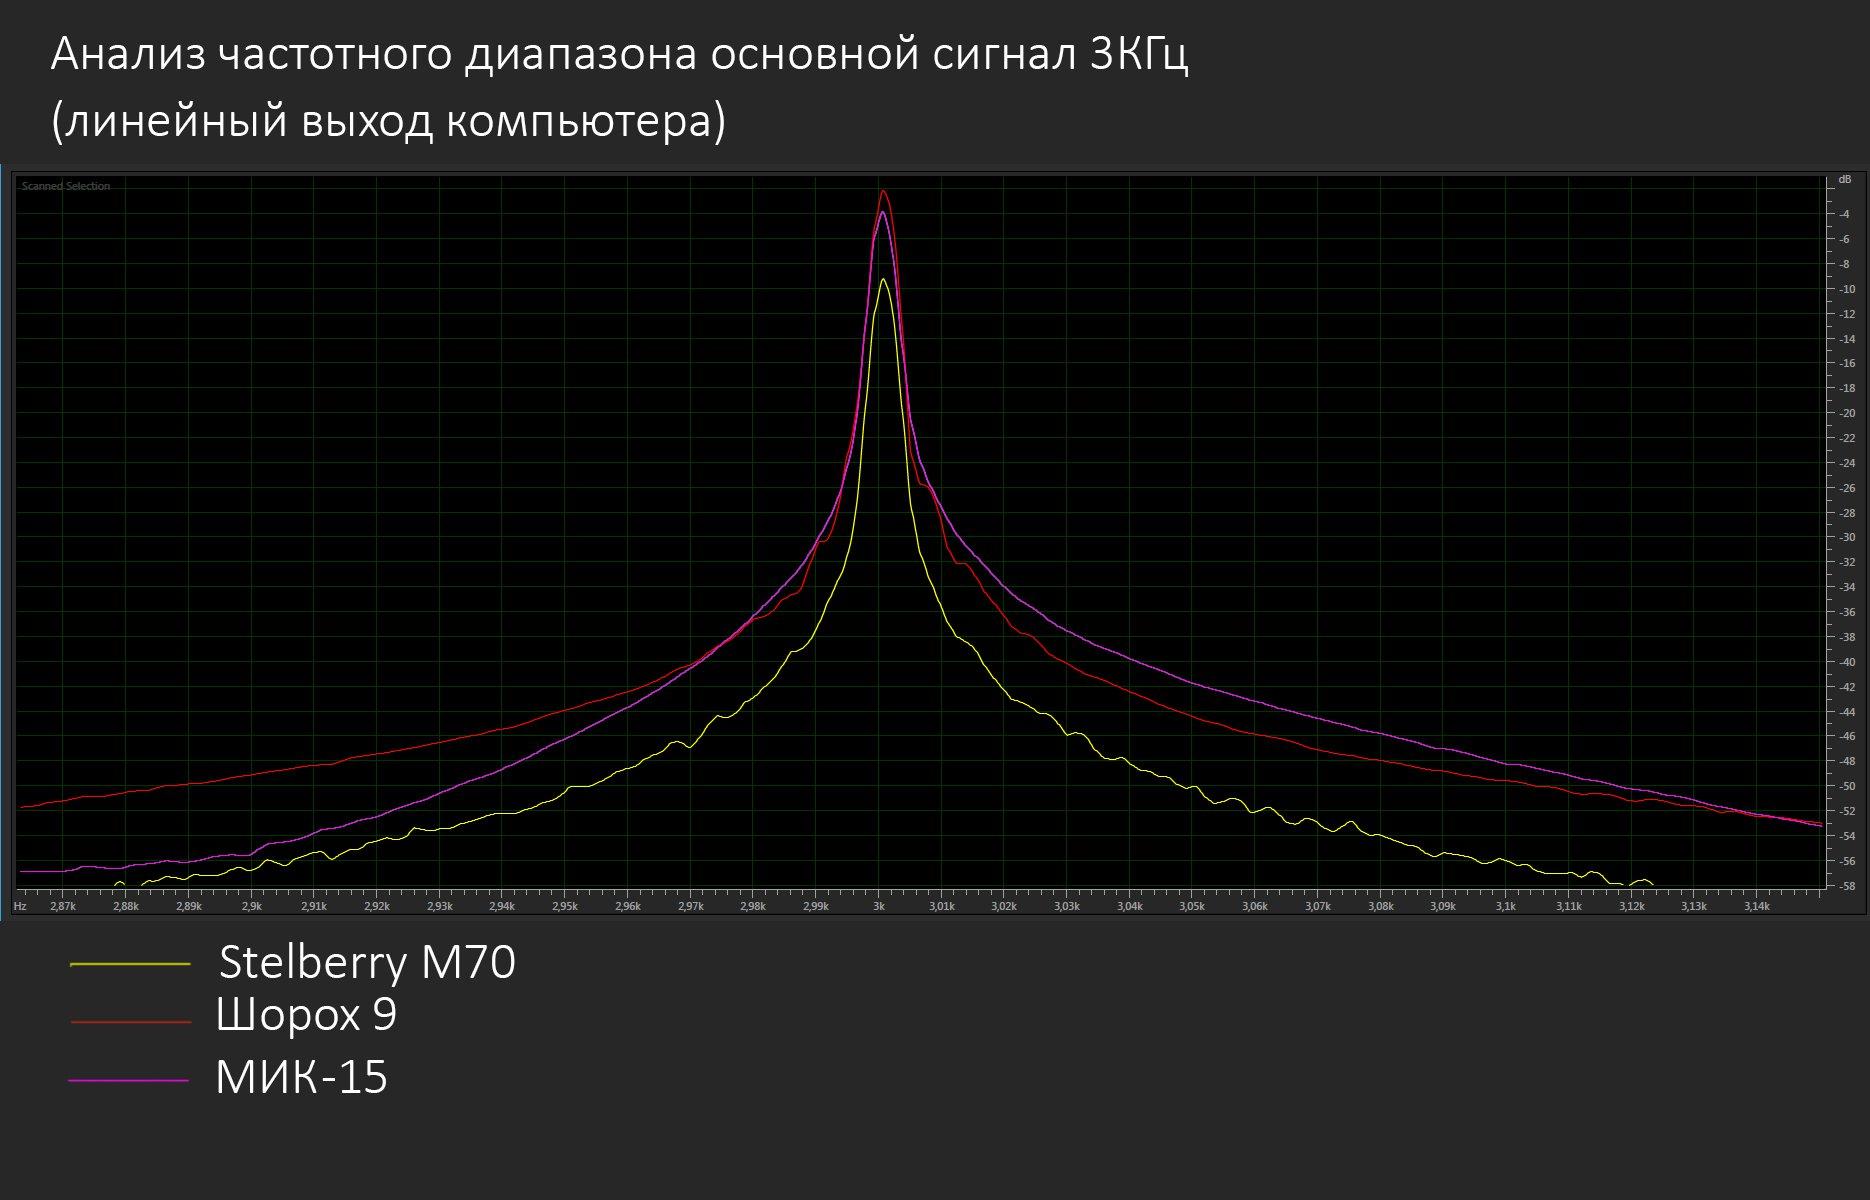 картинка с частотными преобразователями